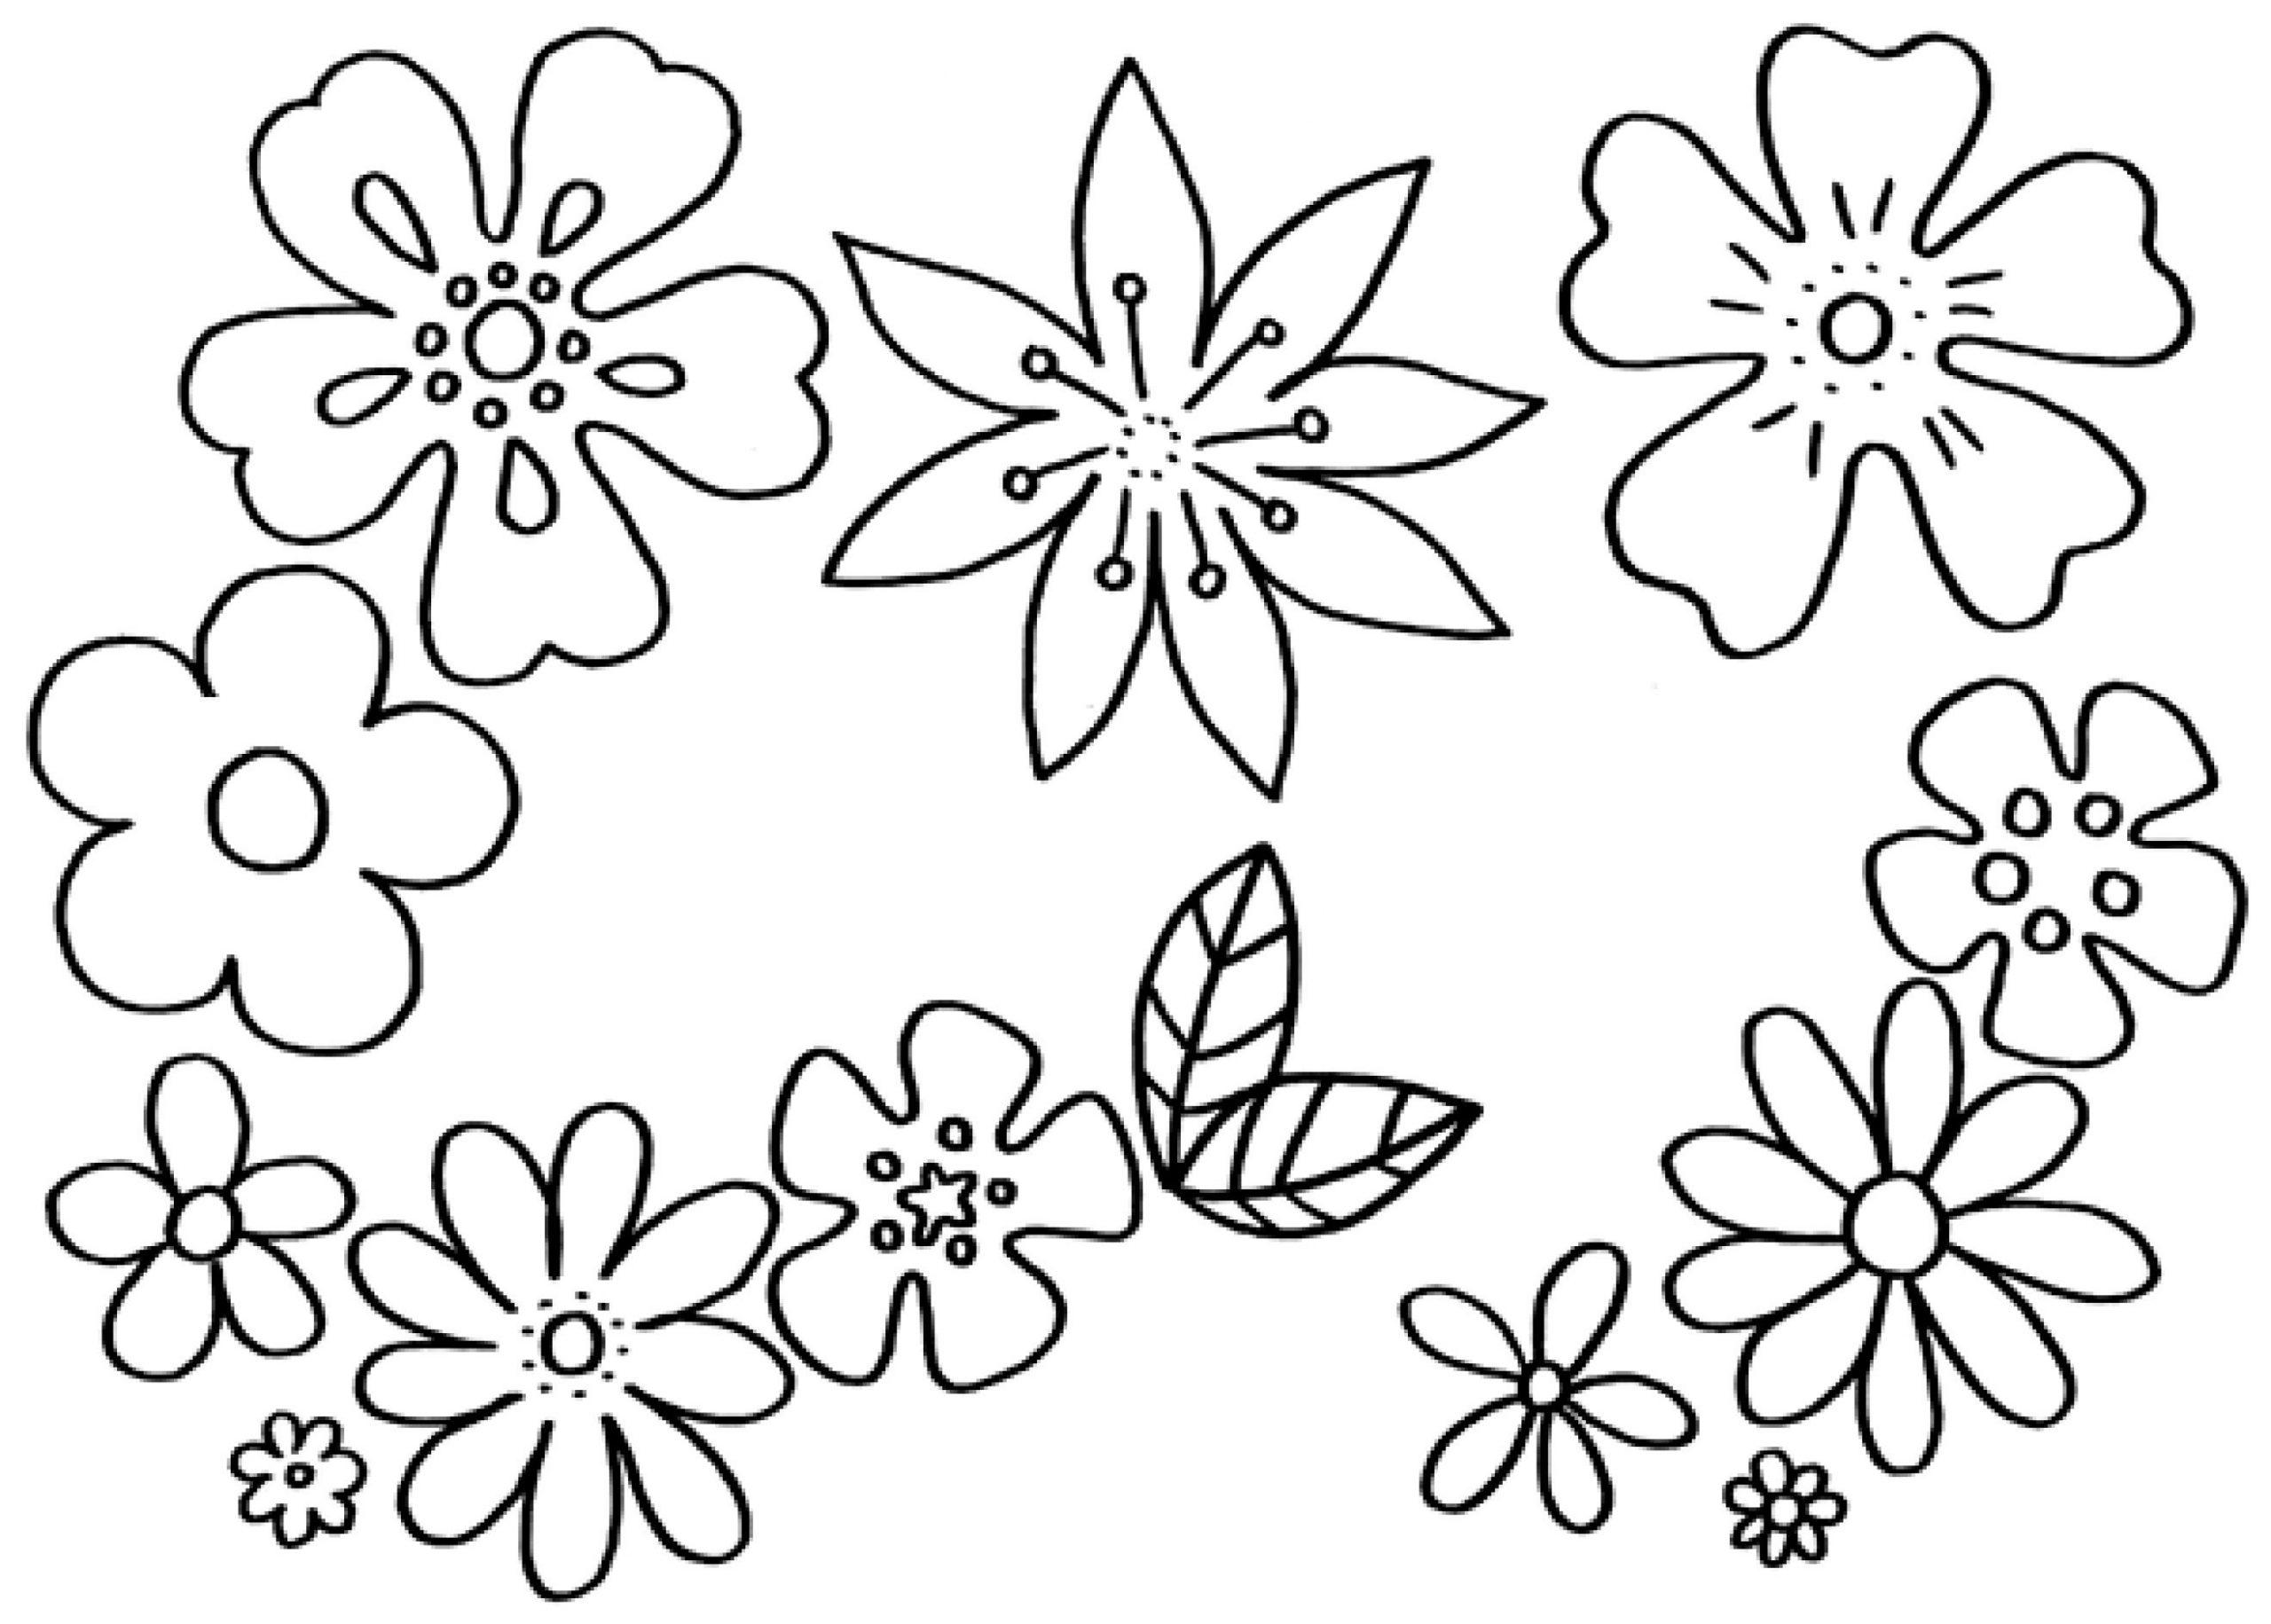 Malvorlagen Blumen - Kostenlose Ausmalbilder | Mytoys Blog innen Blumen Zum Malen Vorlagen